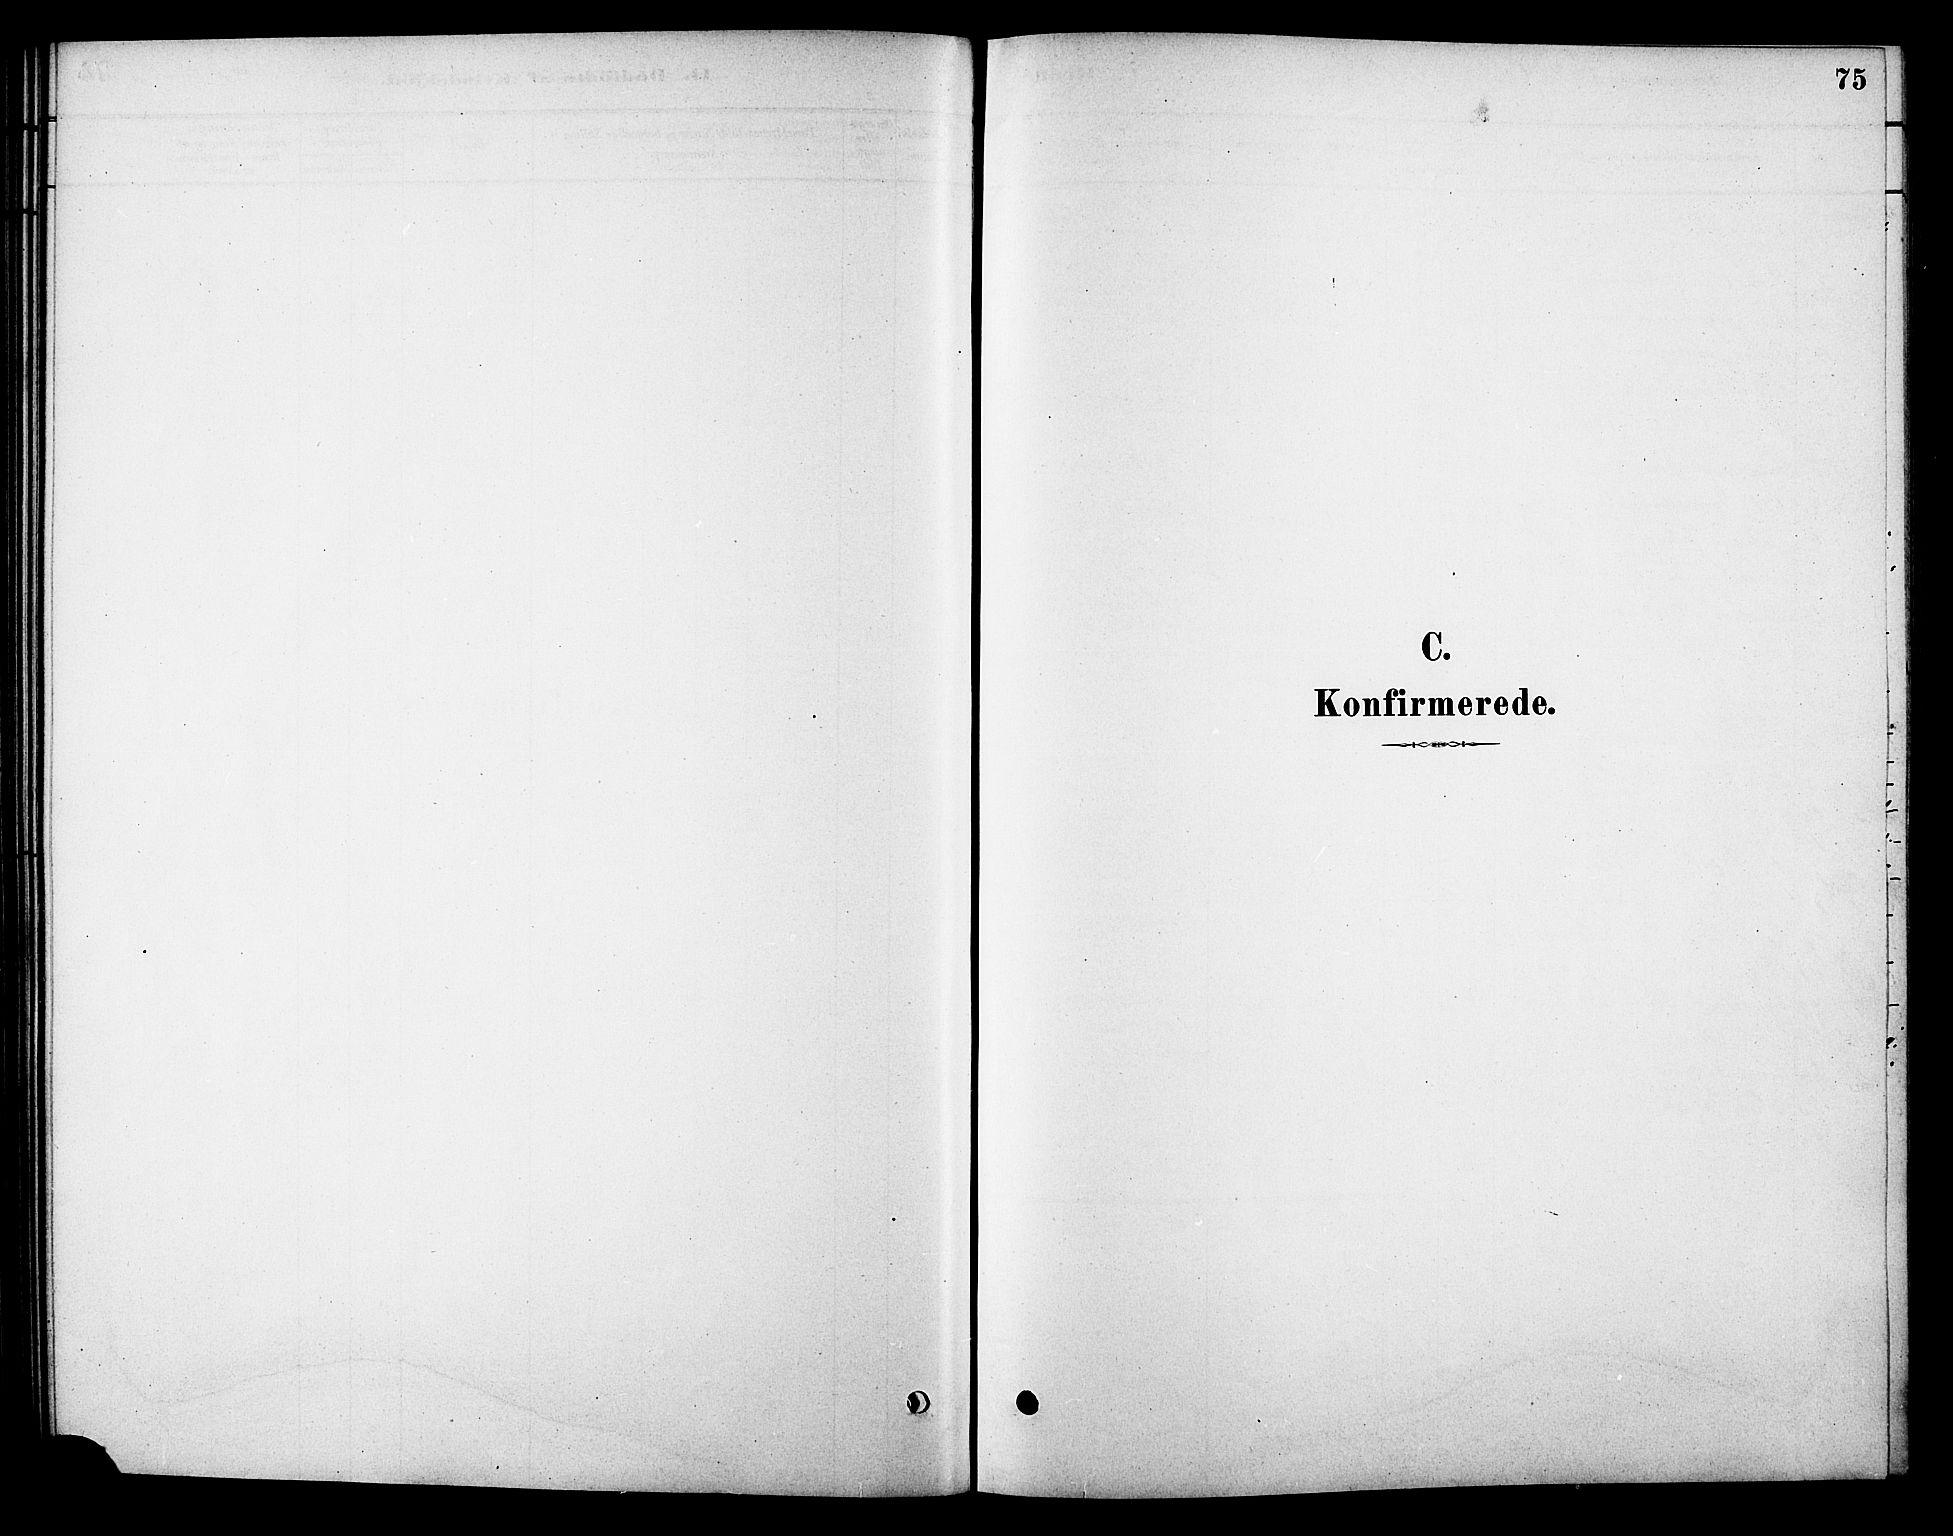 SAT, Ministerialprotokoller, klokkerbøker og fødselsregistre - Sør-Trøndelag, 688/L1024: Ministerialbok nr. 688A01, 1879-1890, s. 75